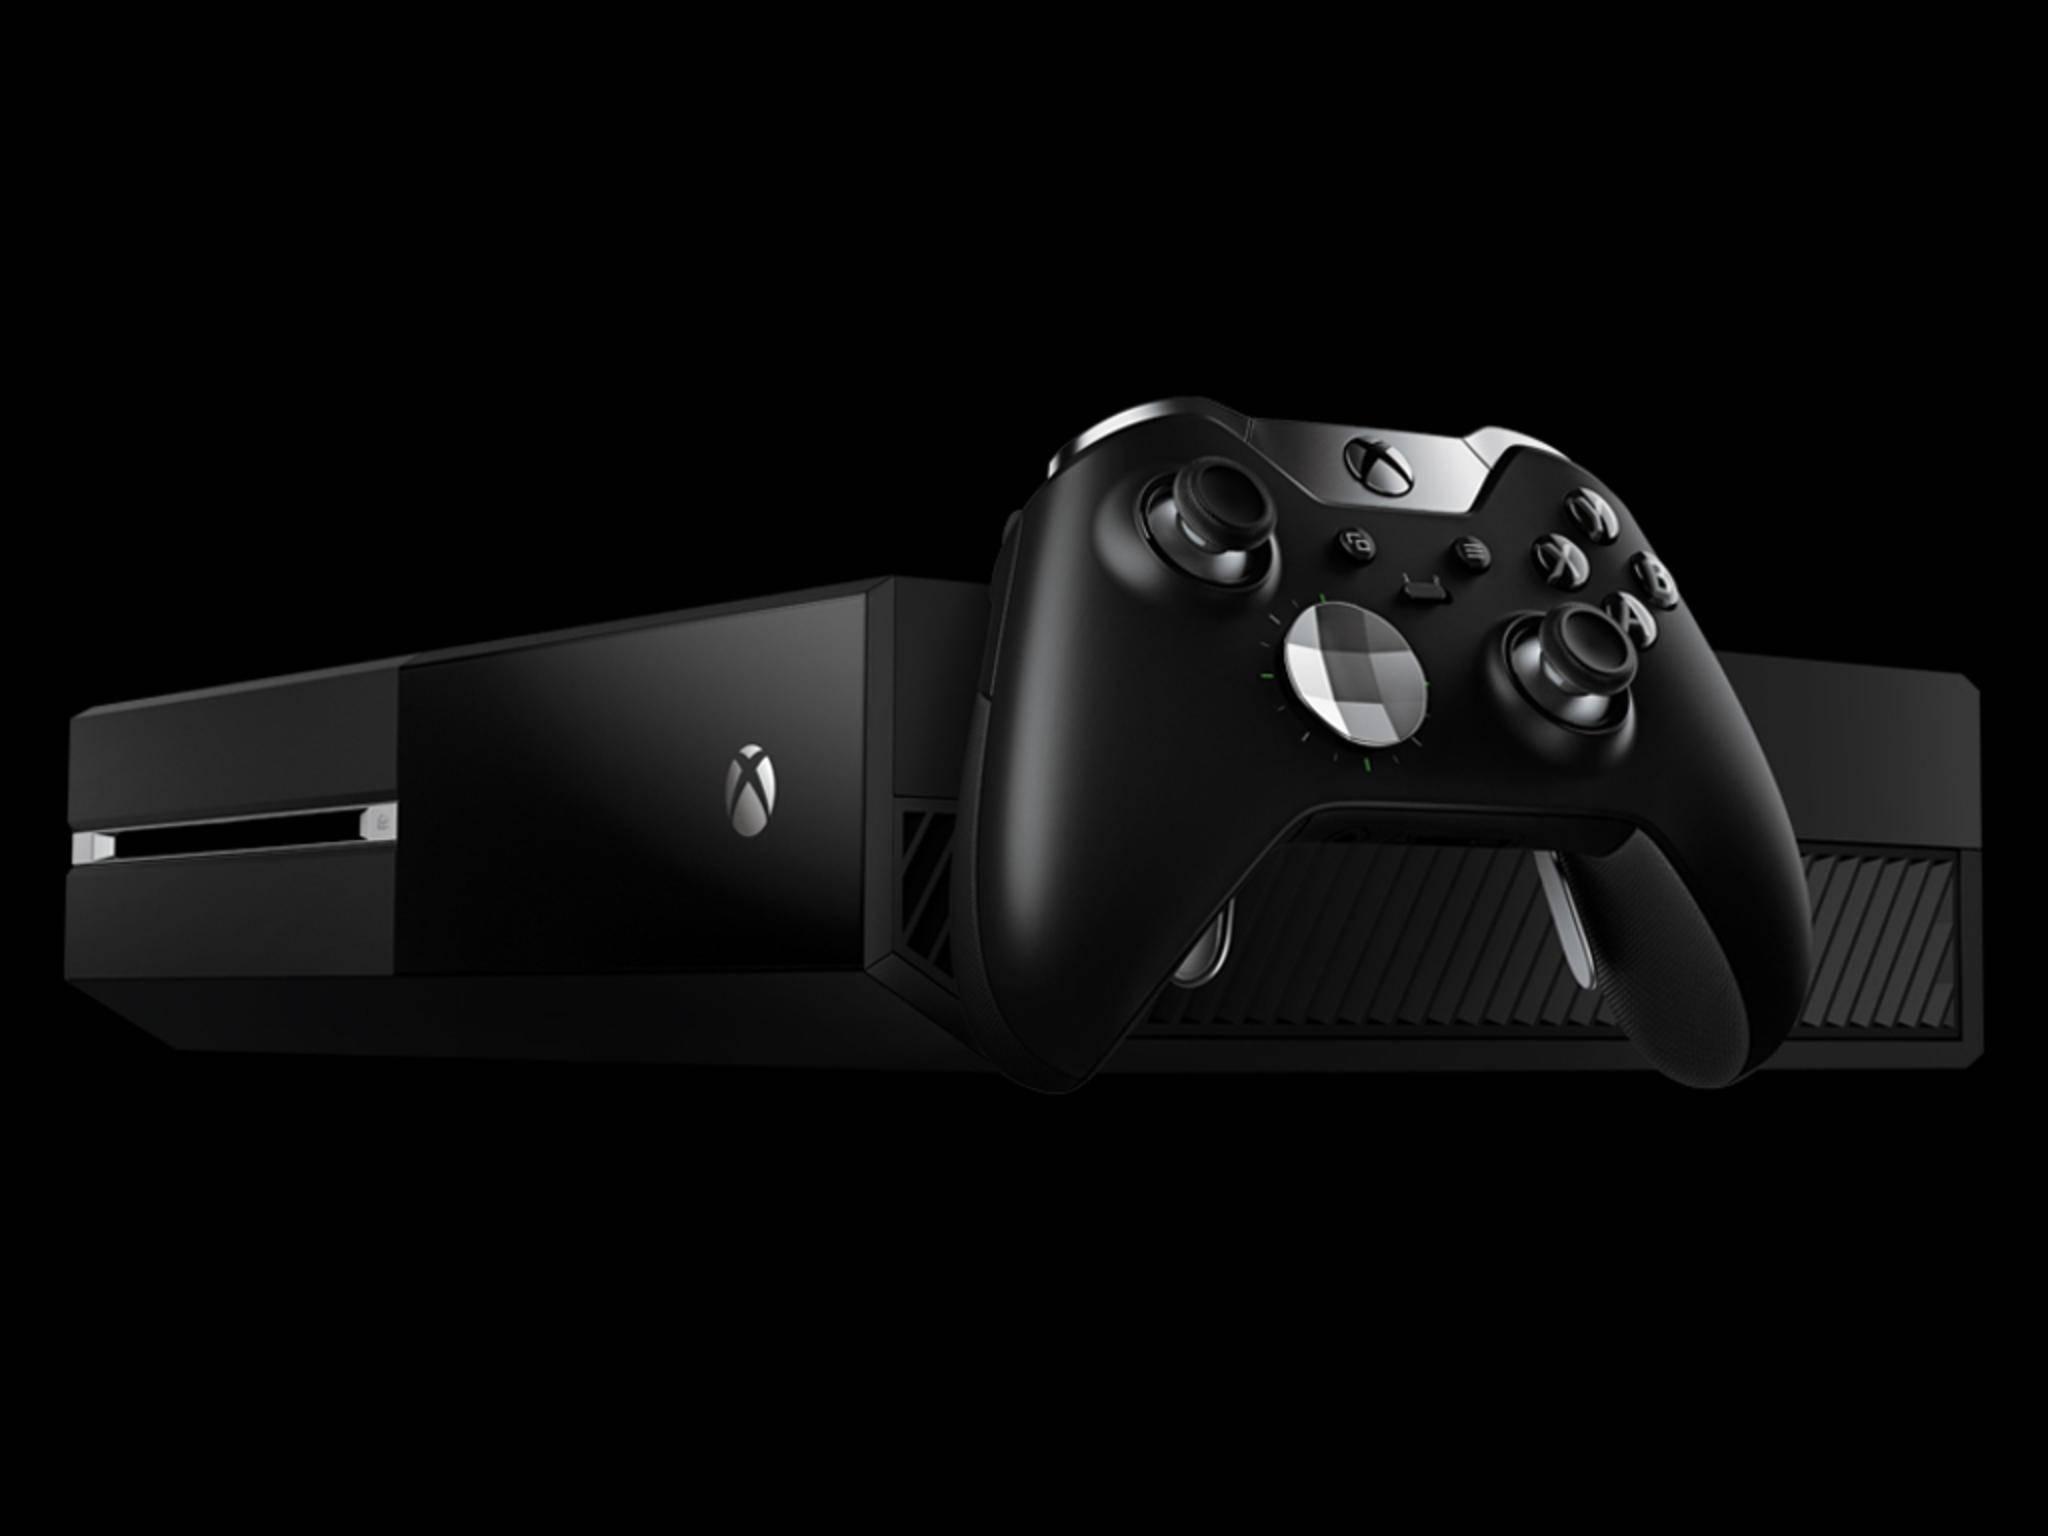 Die Elite-Version der Xbox One wird sich optisch nicht von der Standard-Version unterscheiden.